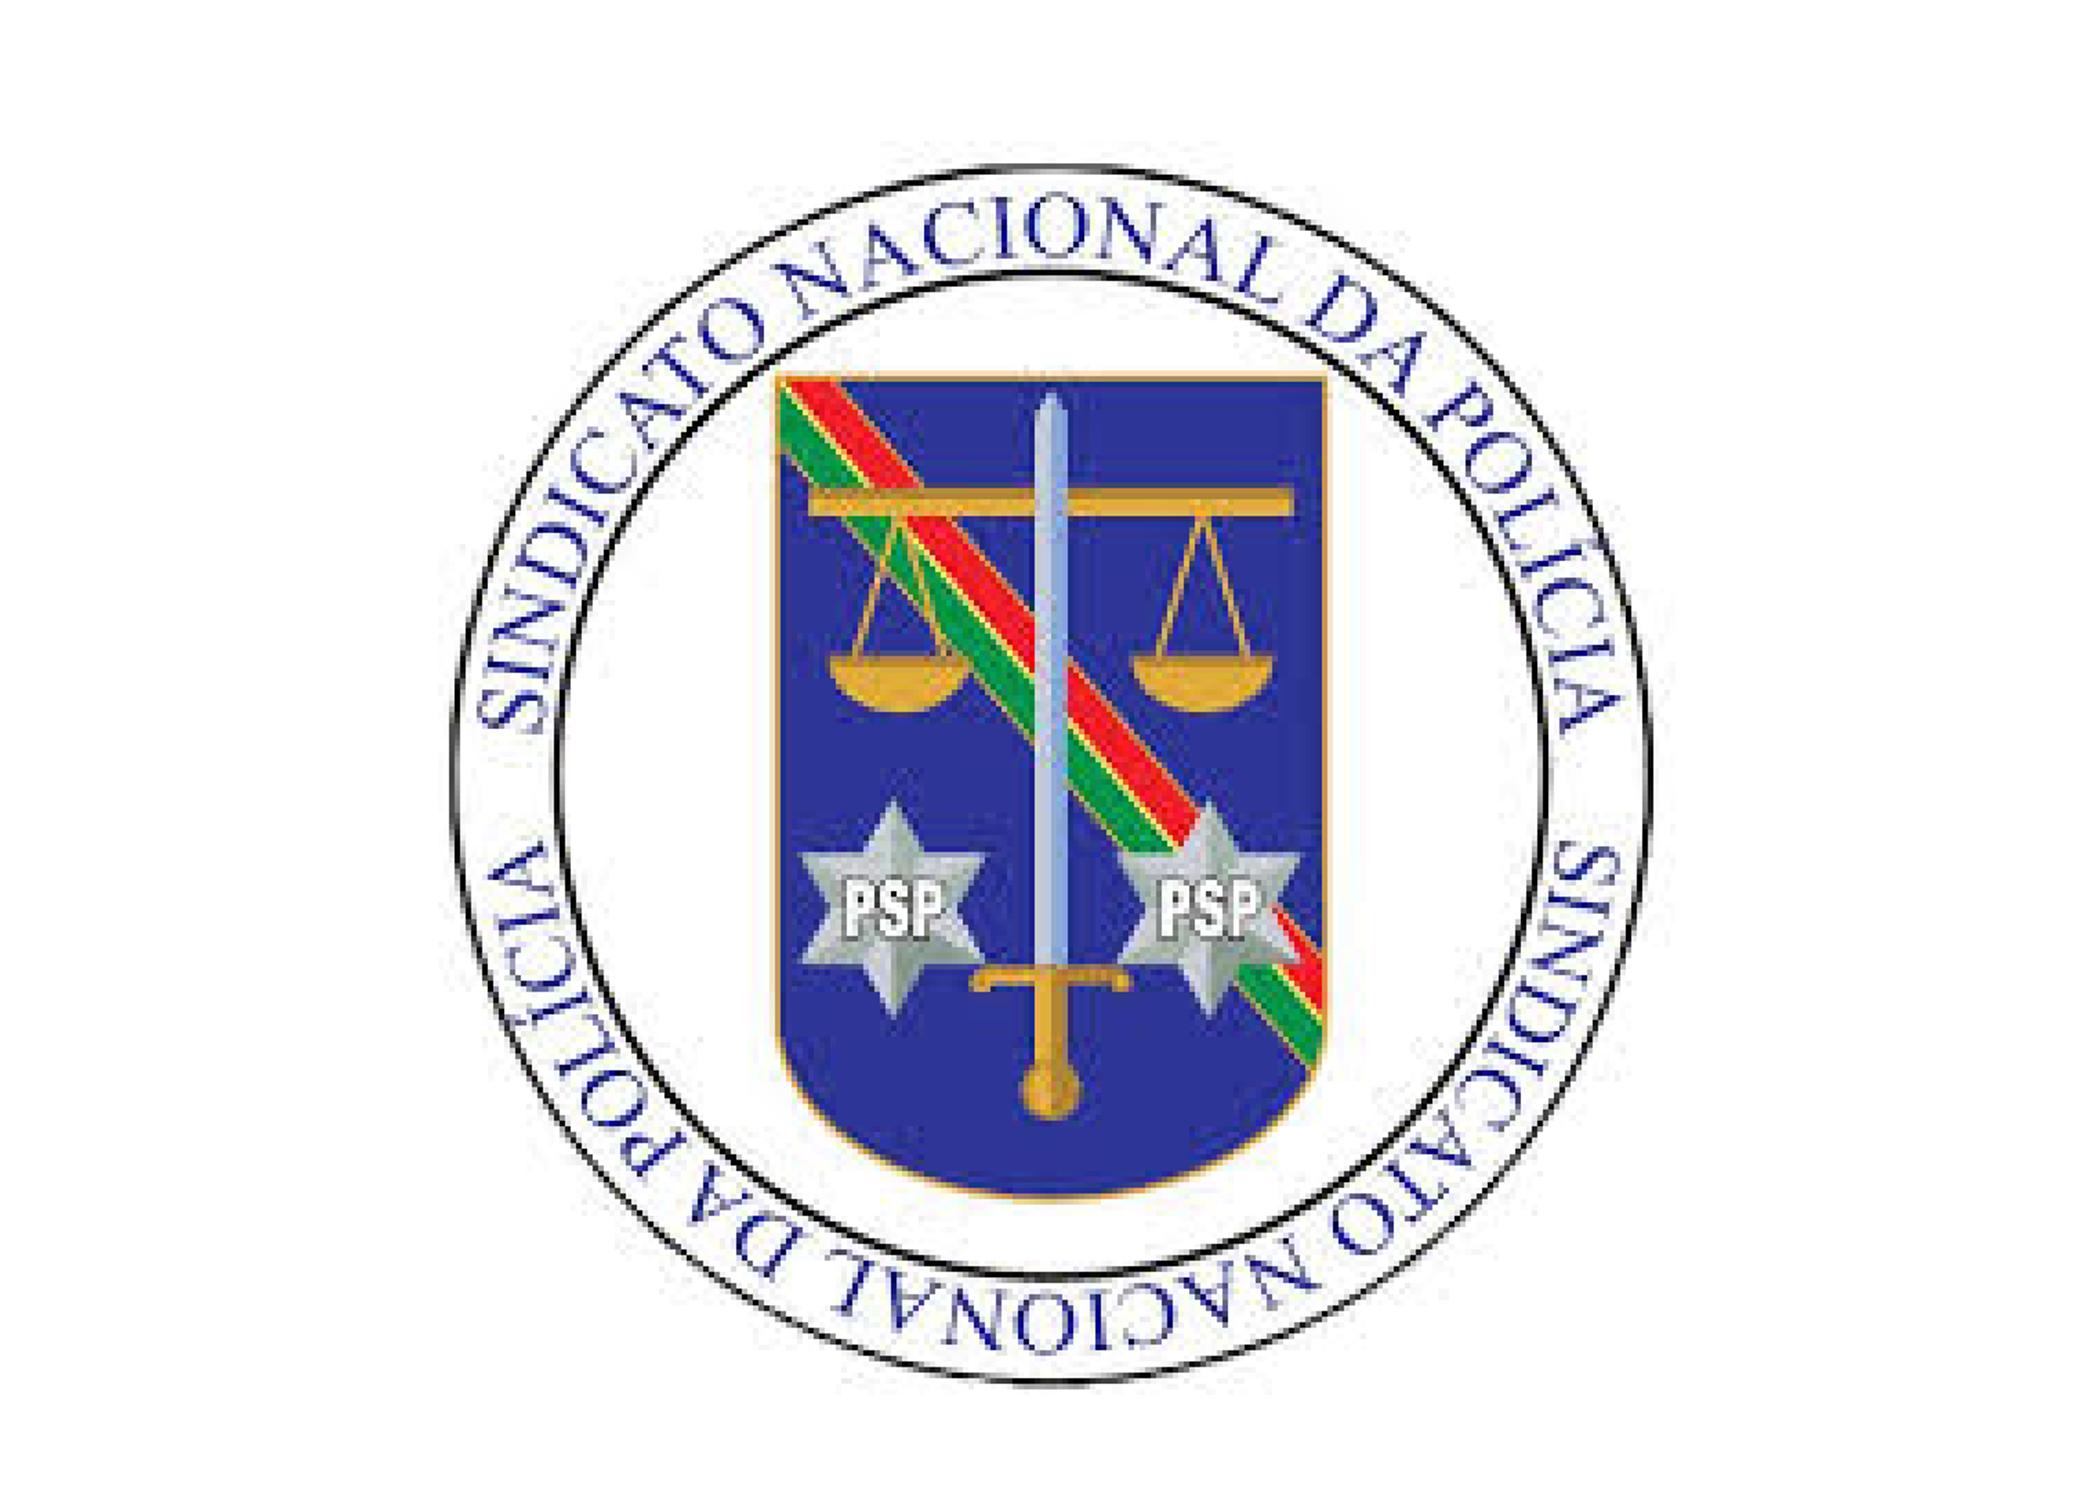 Sindicato Nacional Policia